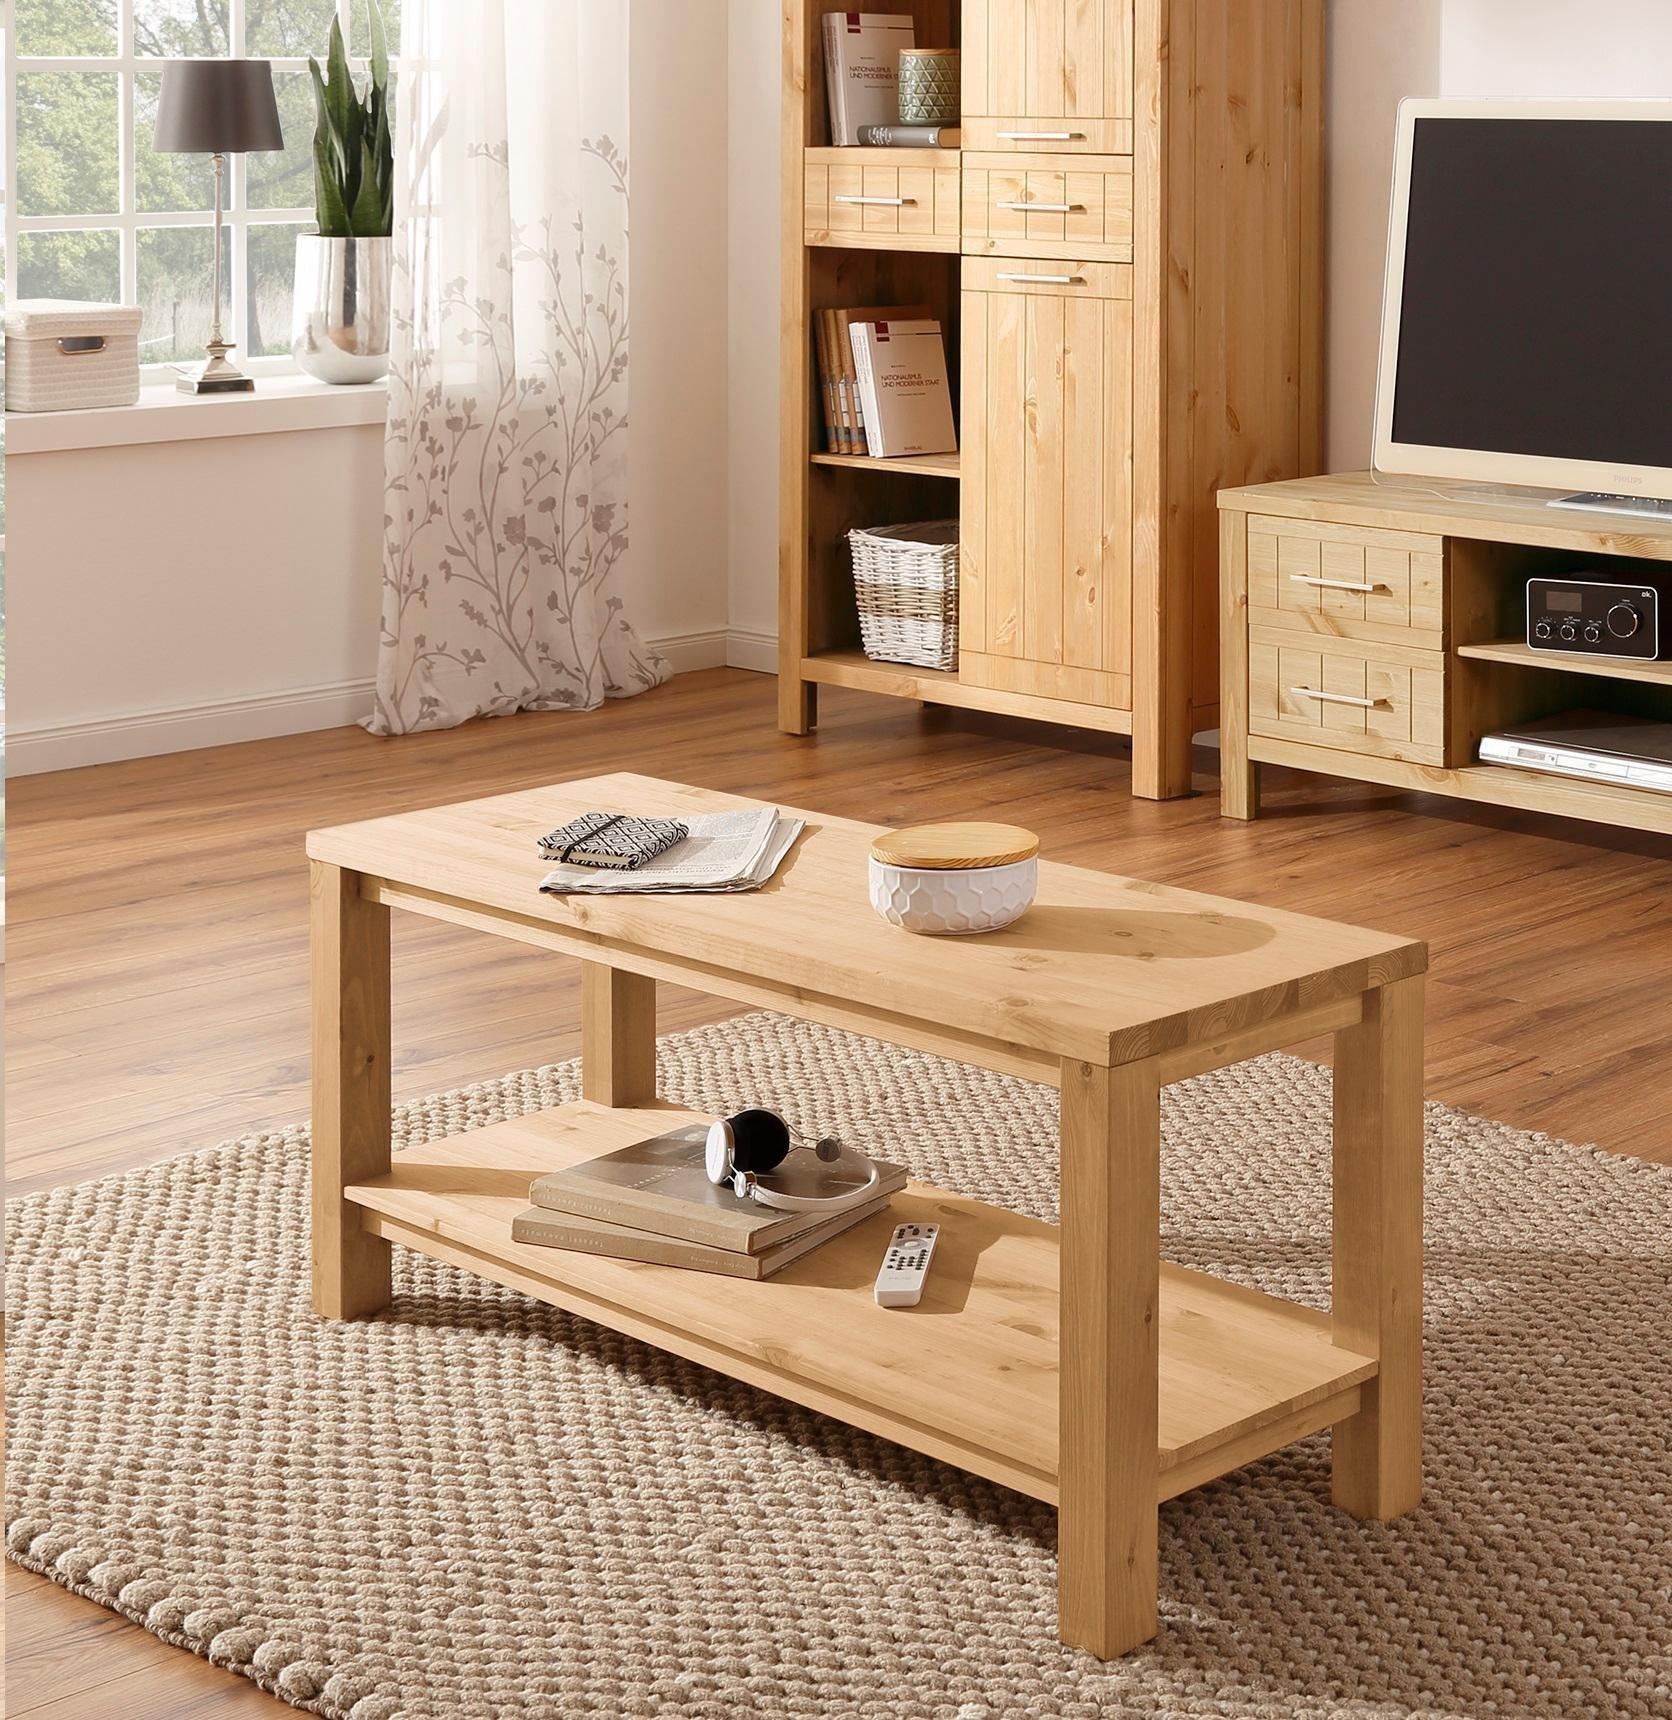 63 sparen home affaire couchtisch pinokio nur 119 99 cherry m bel otto. Black Bedroom Furniture Sets. Home Design Ideas